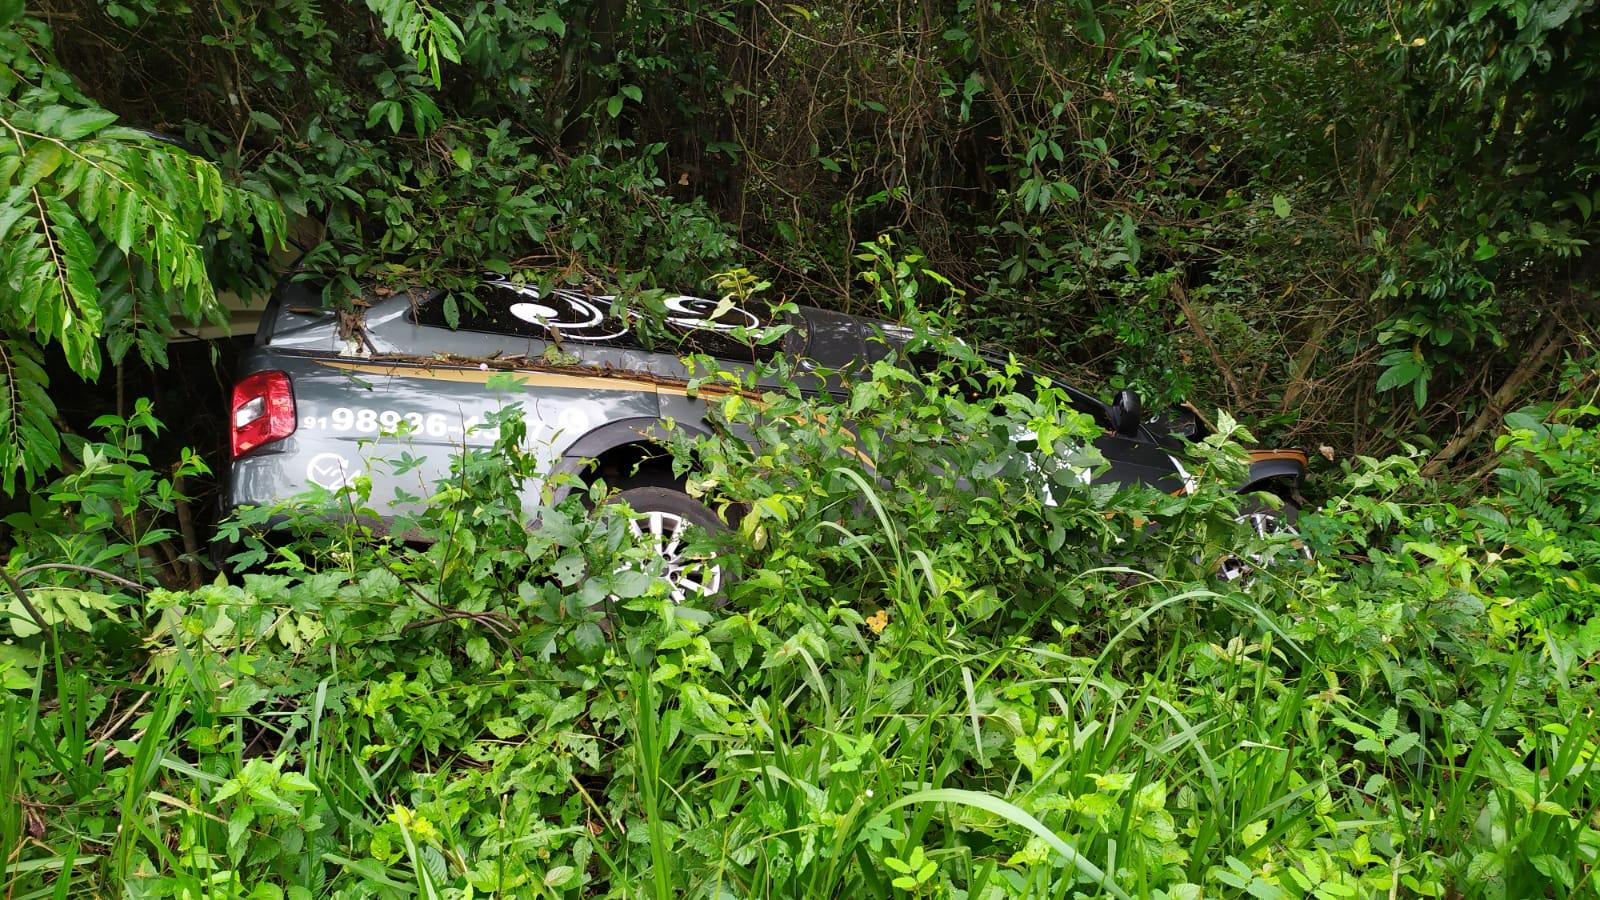 Com o impacto, o veículo funerário, que transportava um corpo para Bragança, caiu em um barranco. O motorista sofreu escoriações e foi encaminhado para a UPA de Capanema